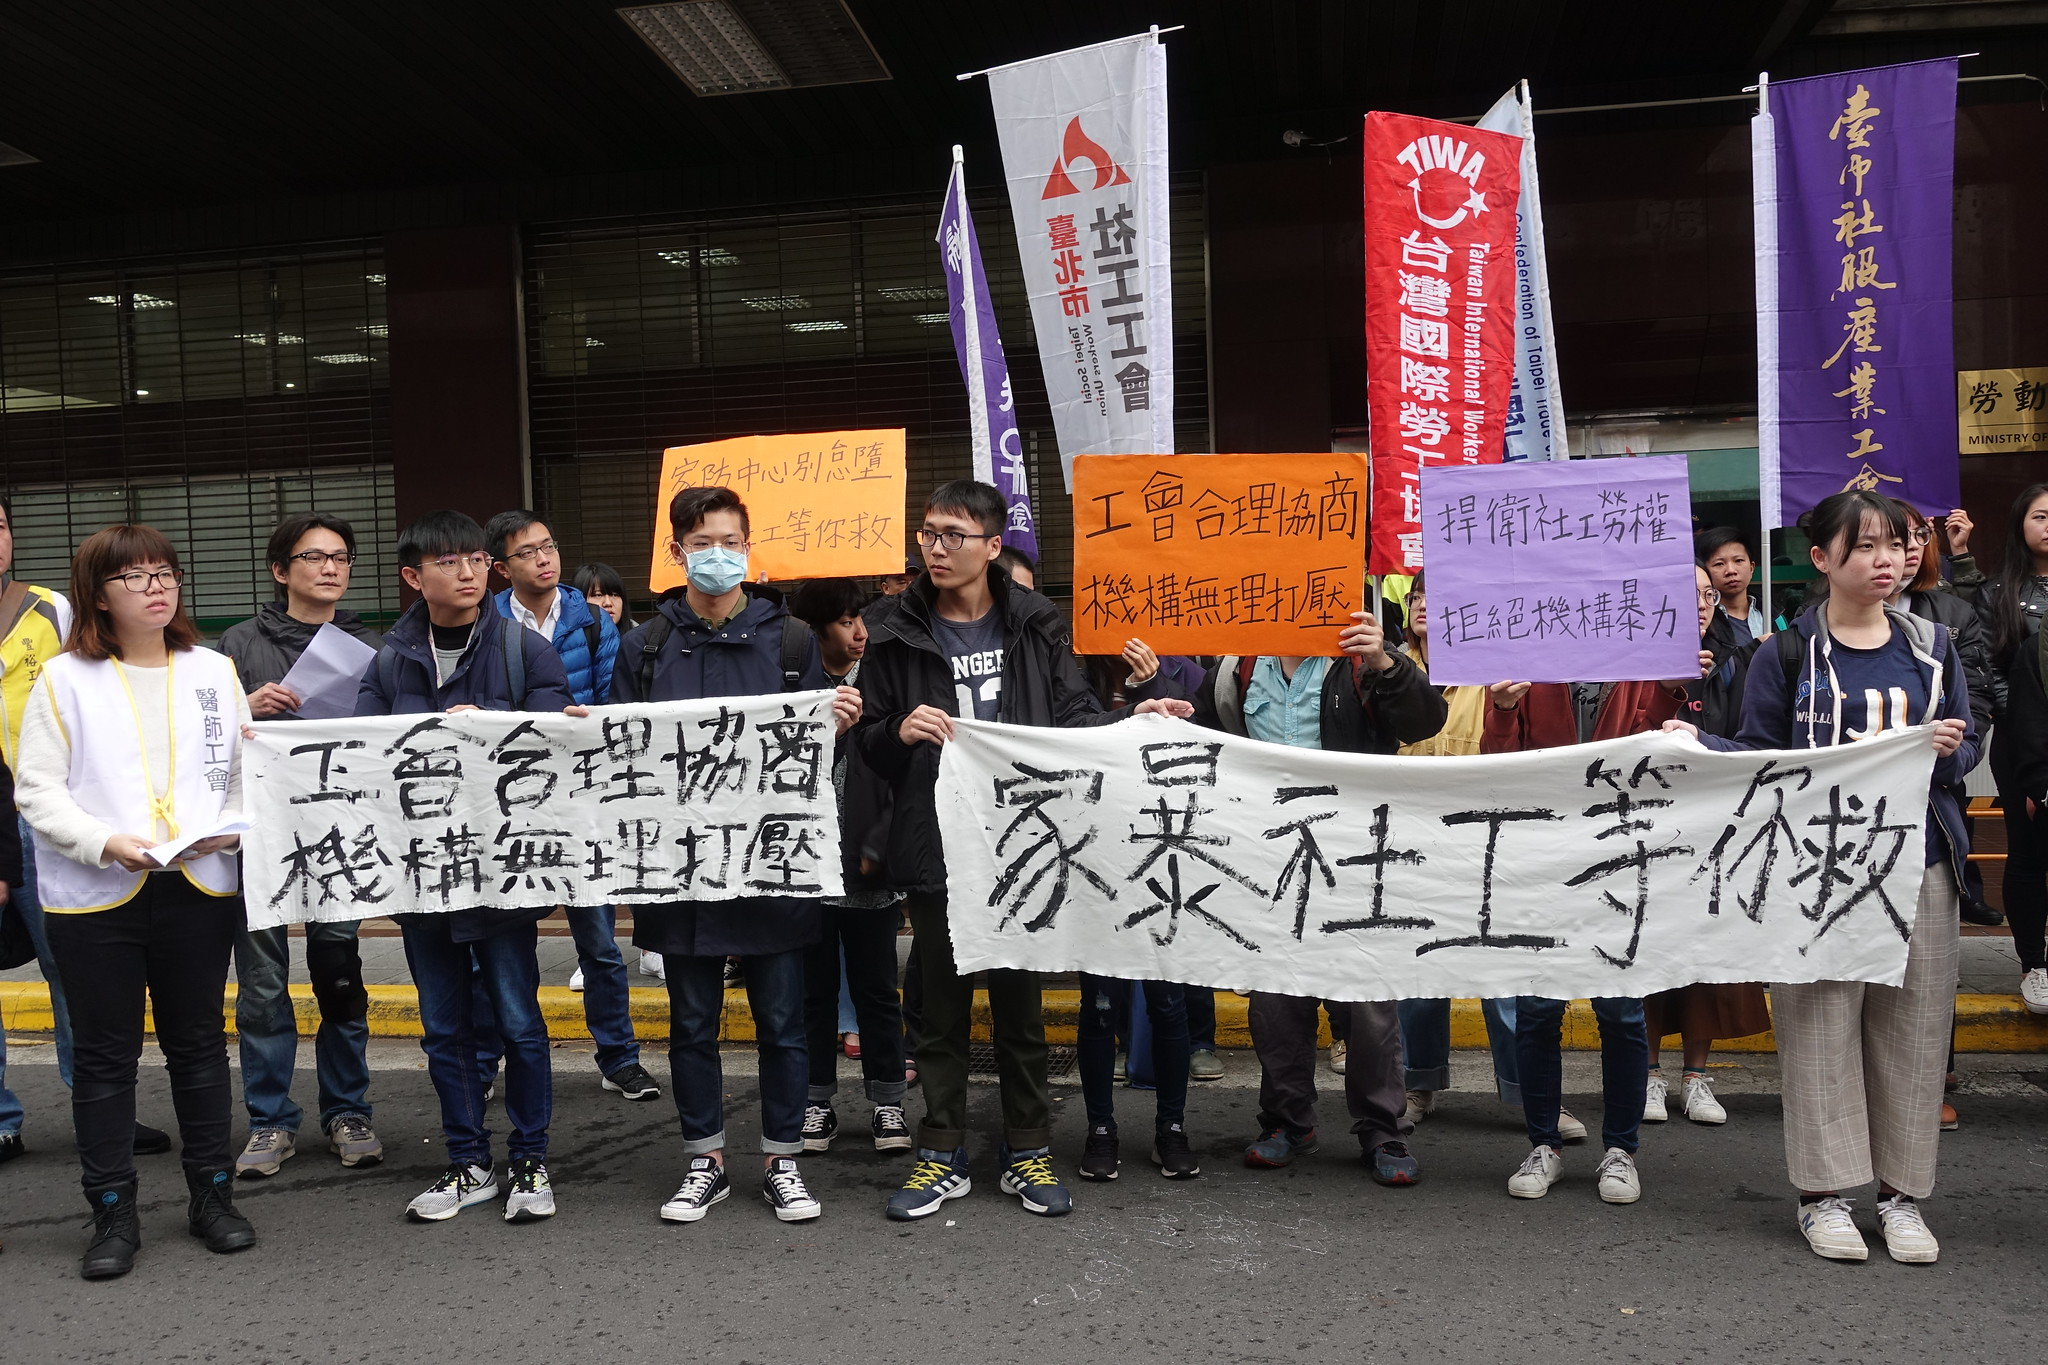 北市社工職業工會前往勞動部提不當勞動行為裁決案,獲得許多工會前來聲援。(攝影:張智琦)